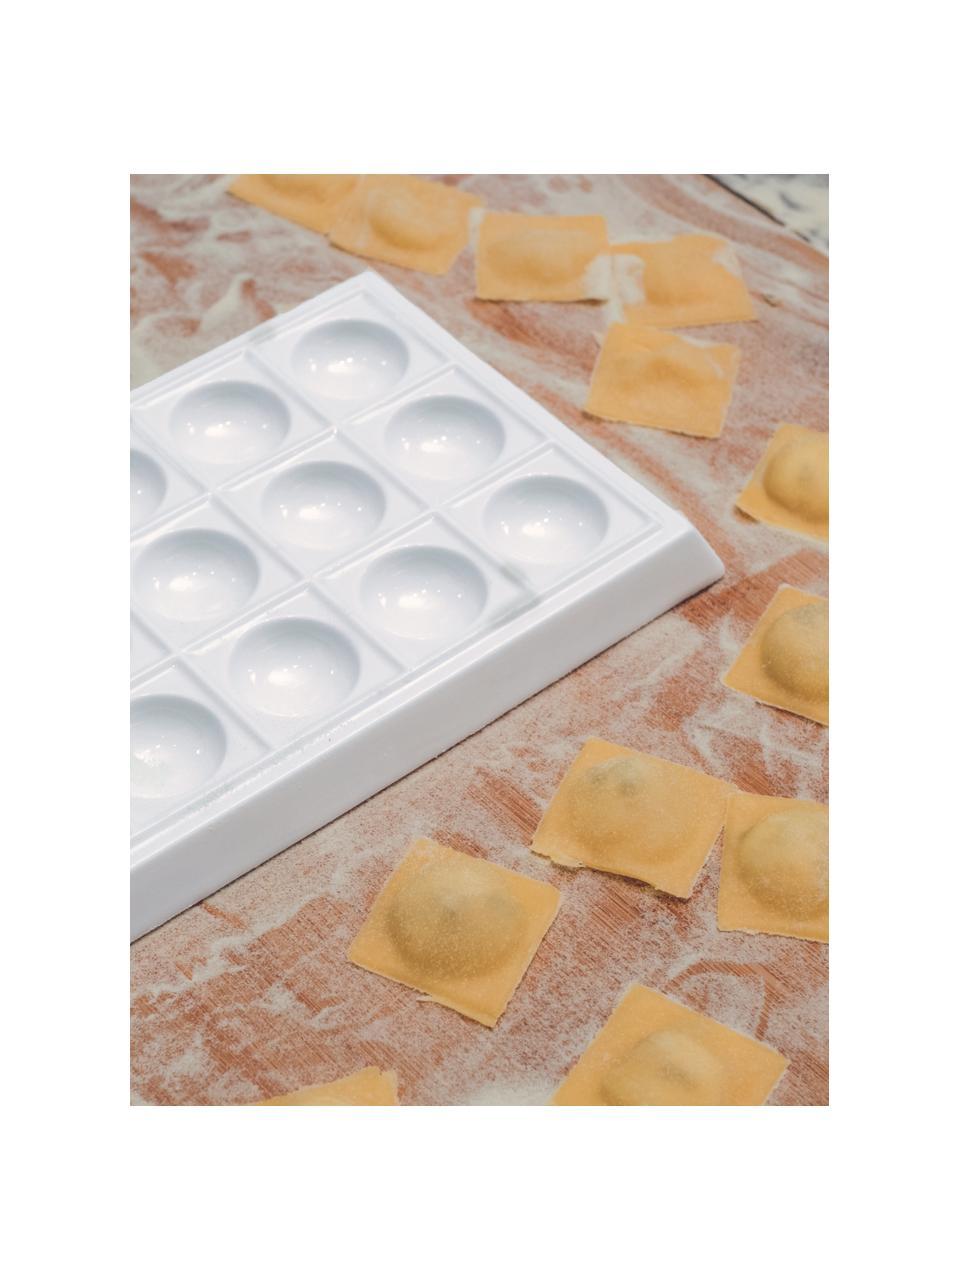 Raviolimaker-Set Plus, 2-tlg., Weiß, B 25 x T 15 cm